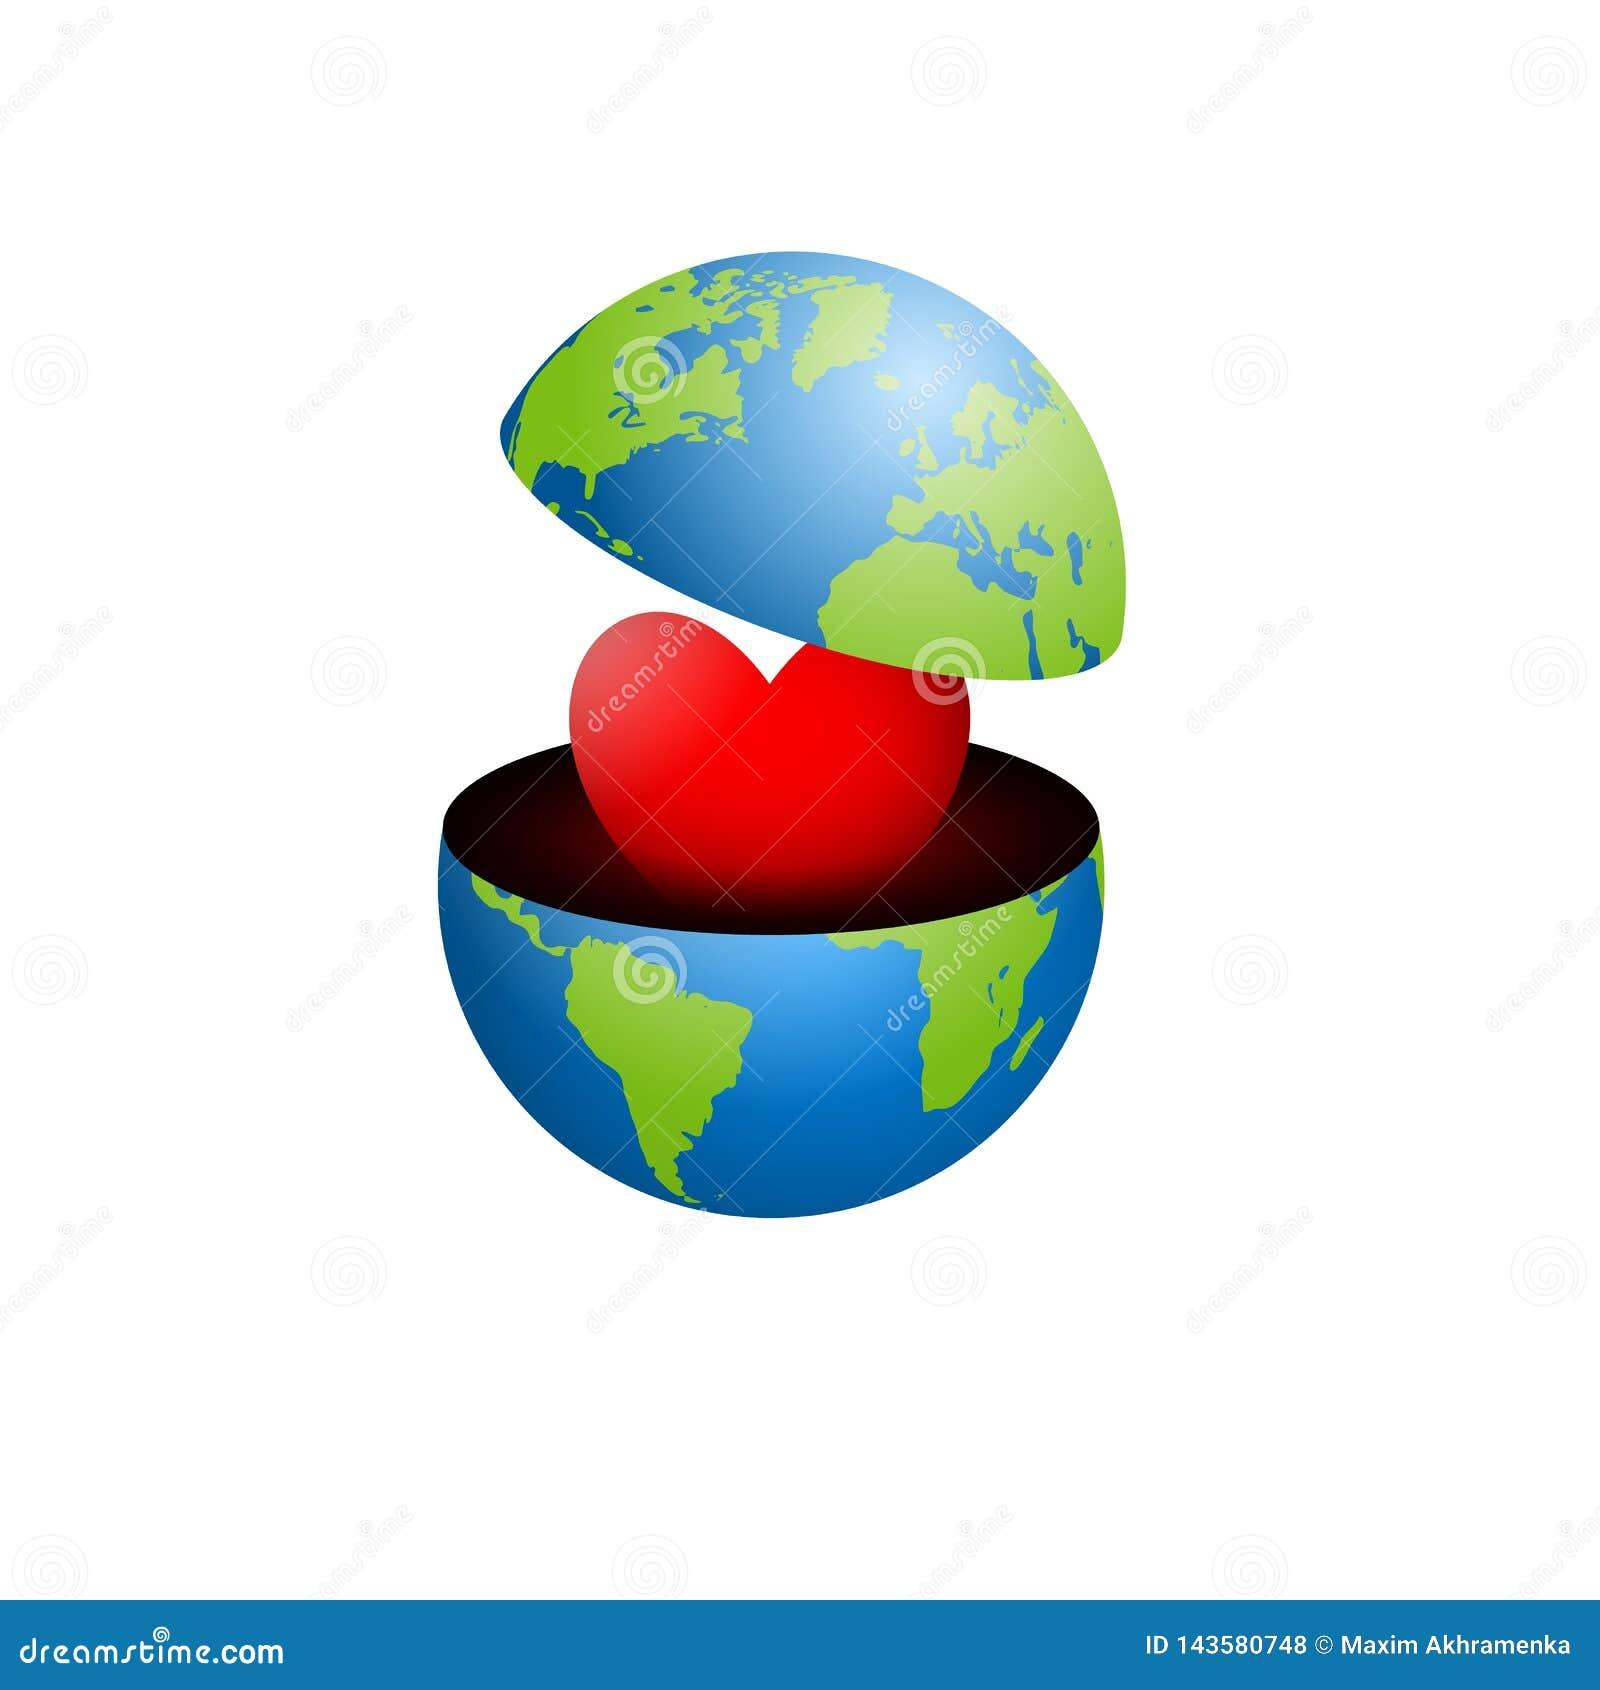 D?a de tierra La tierra se abre por la mitad dos que muestran el interior del corazón